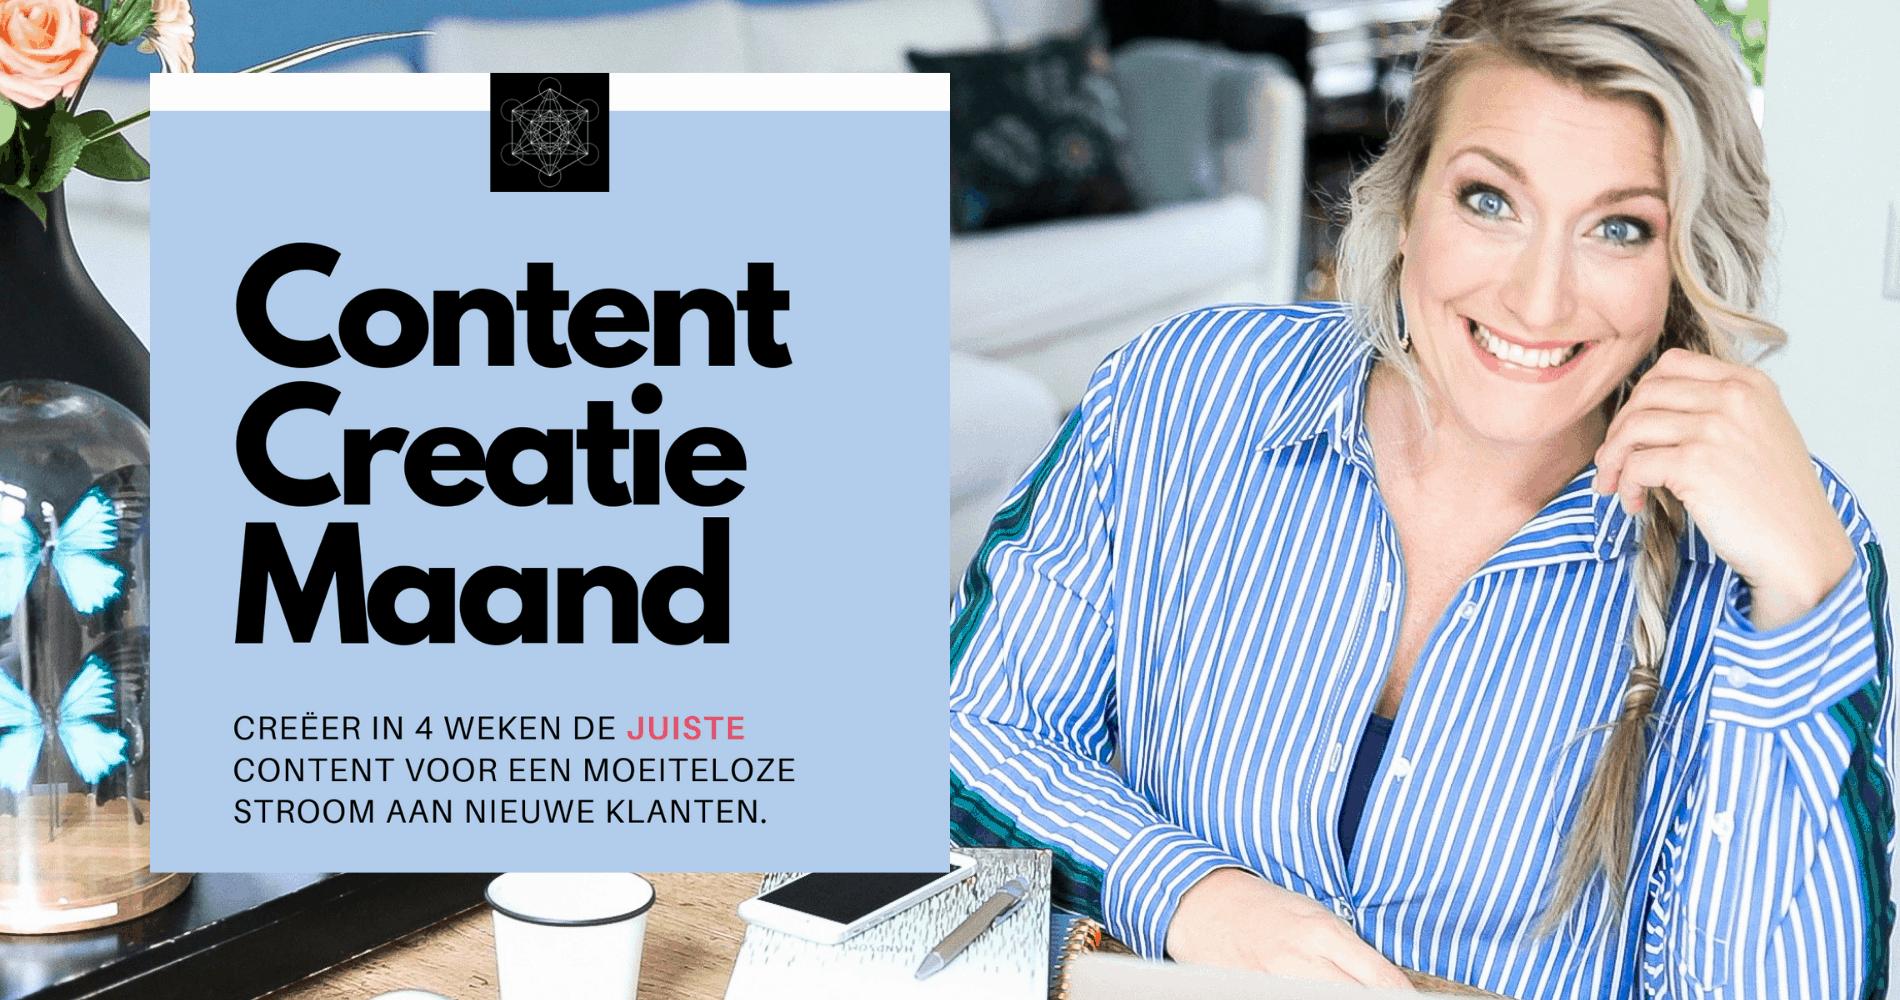 Content_Creatie_Maand